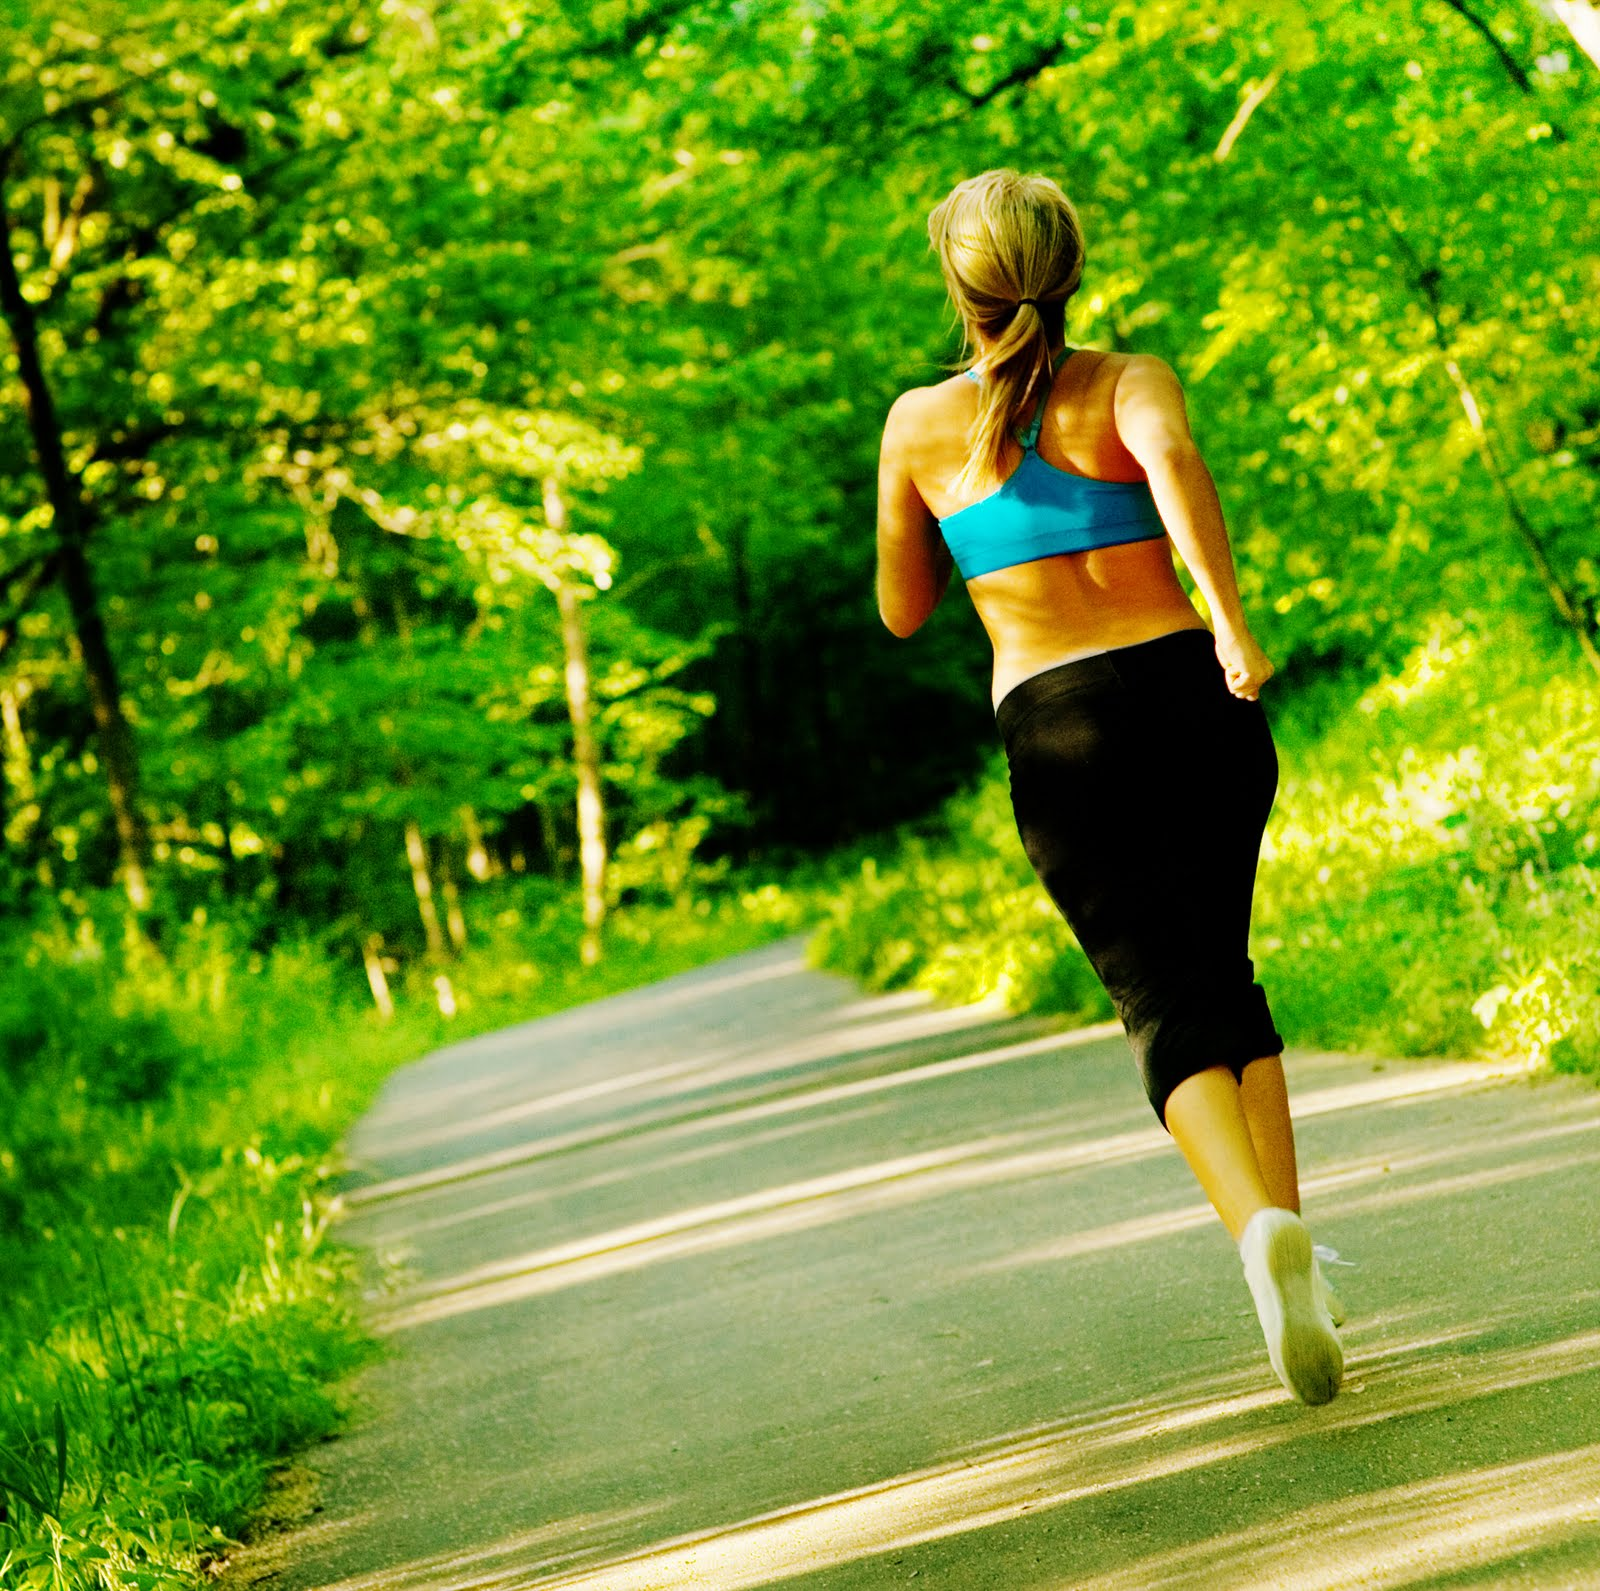 puoi perdere peso se abbuffati e spurghia